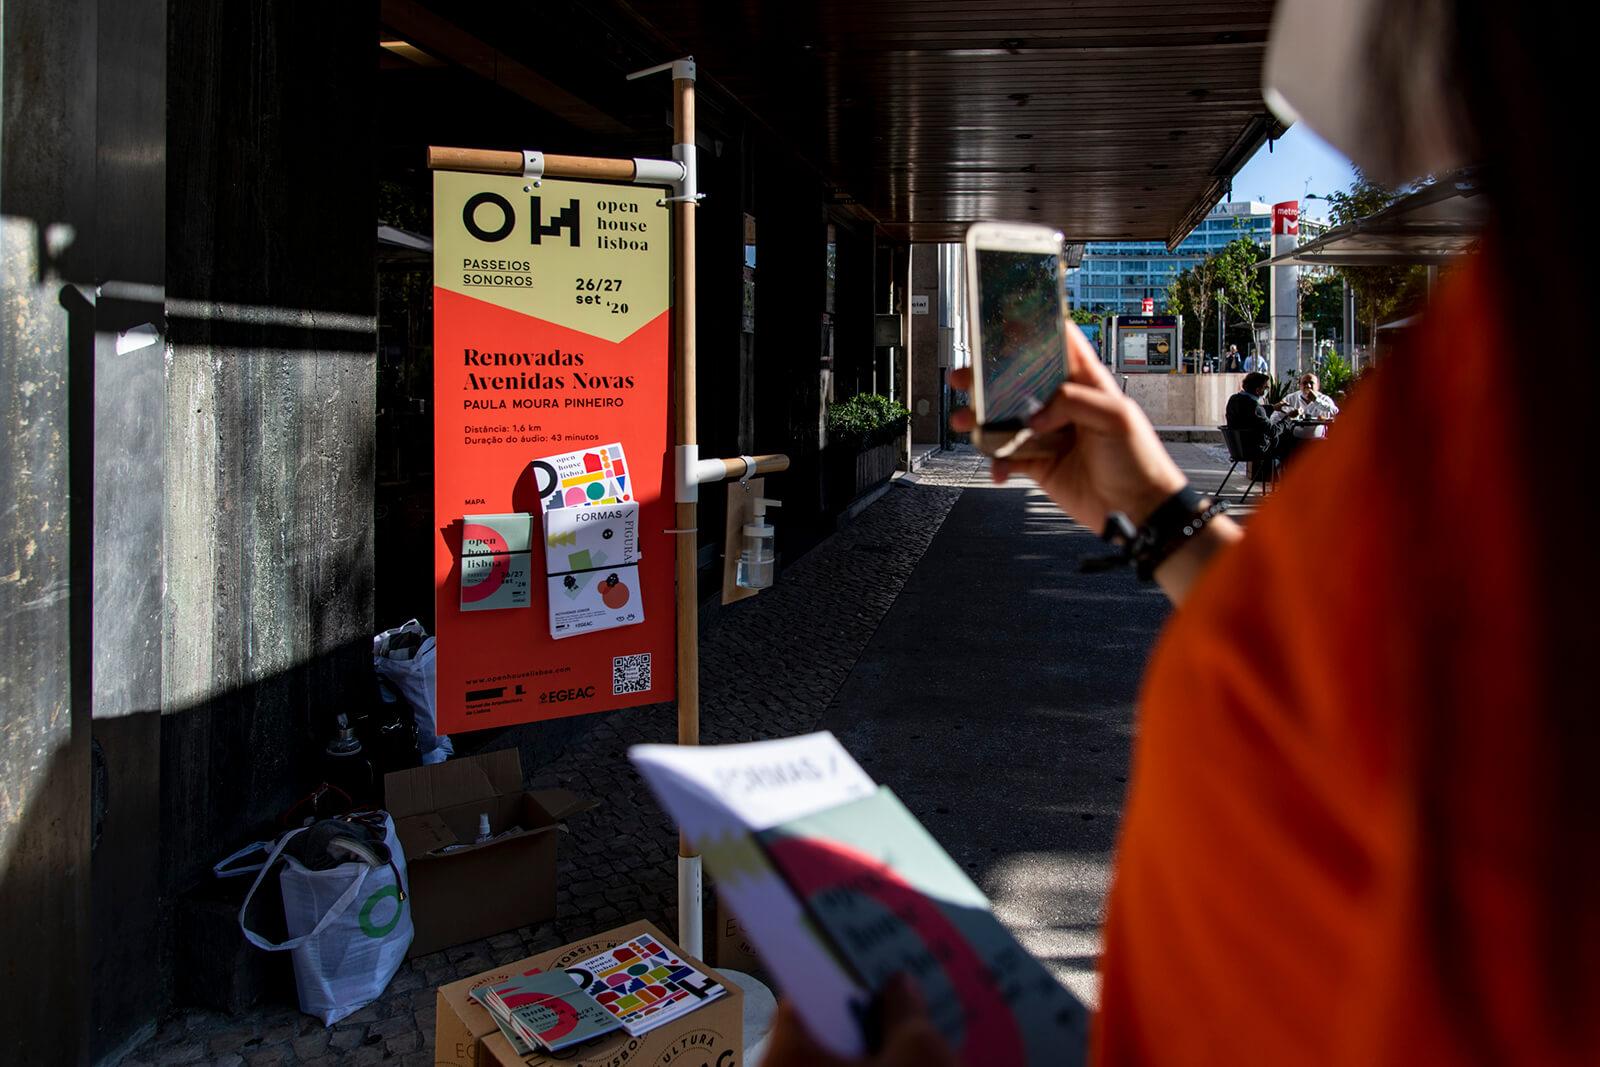 Sinalética que marca o início do Passeio Sonoro da jornalista Paula Moura Pinheiro, intitulado Renovadas Avenidas Novas. Fotografia de Hugo David